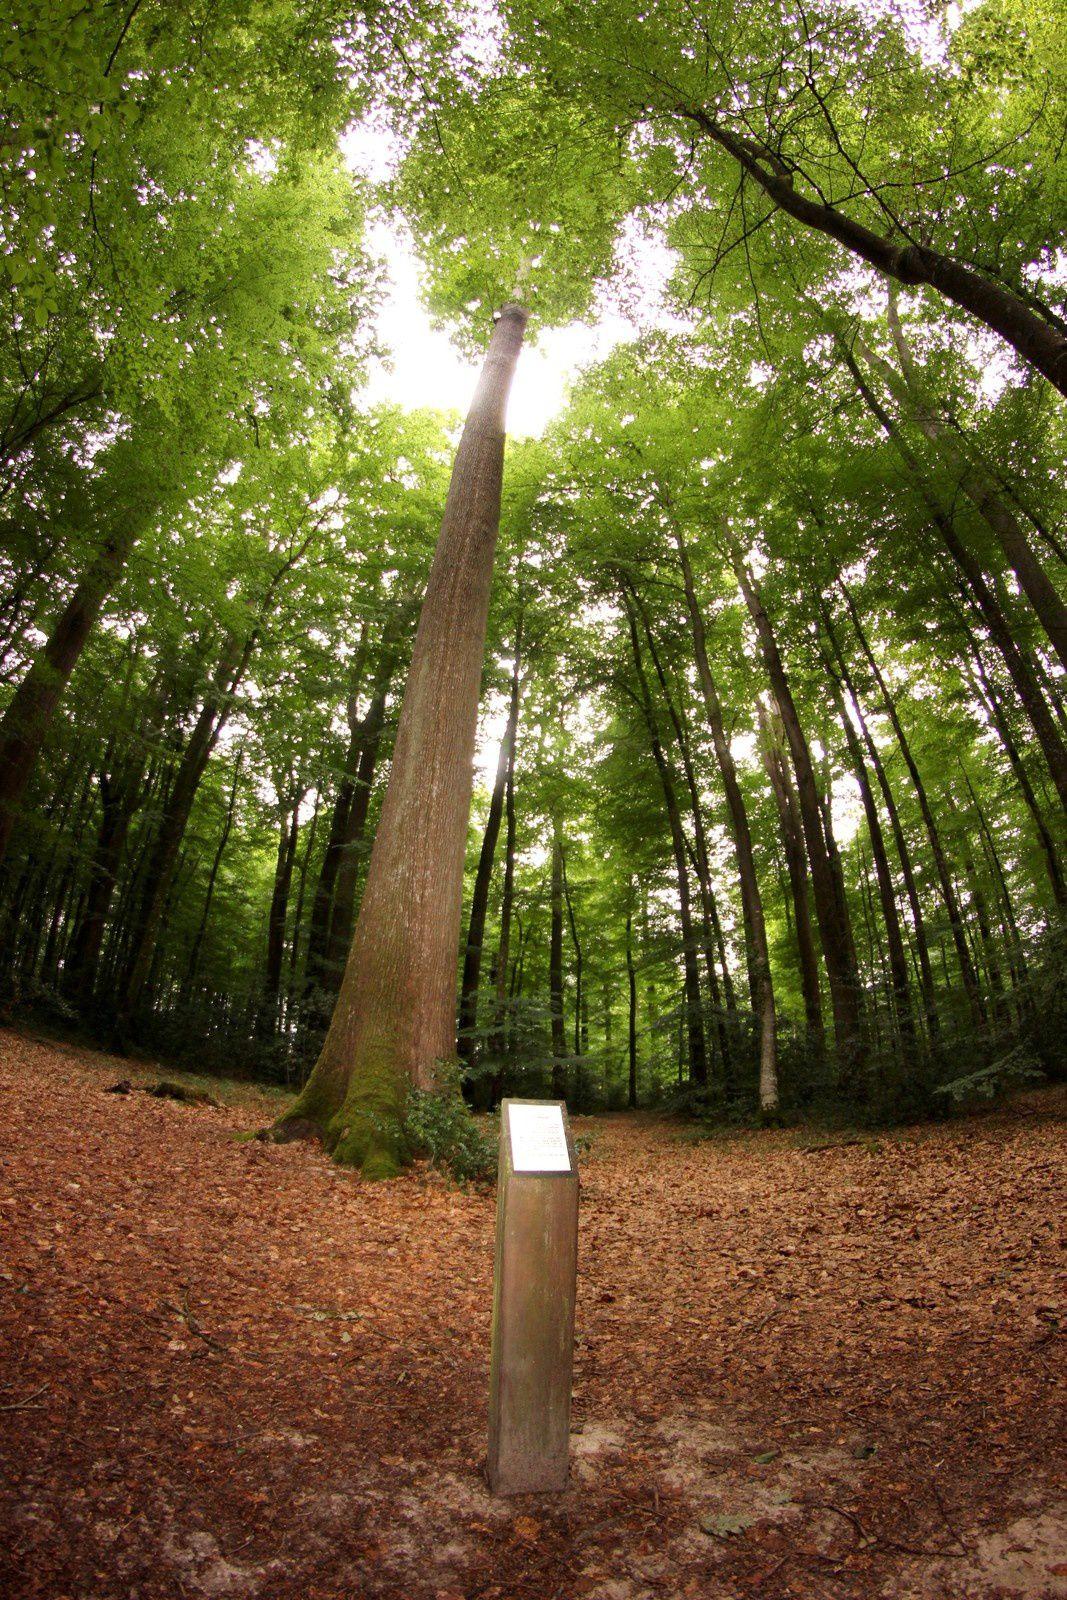 Le chêne Georges France Muriel symbolise la liberté de l'homme